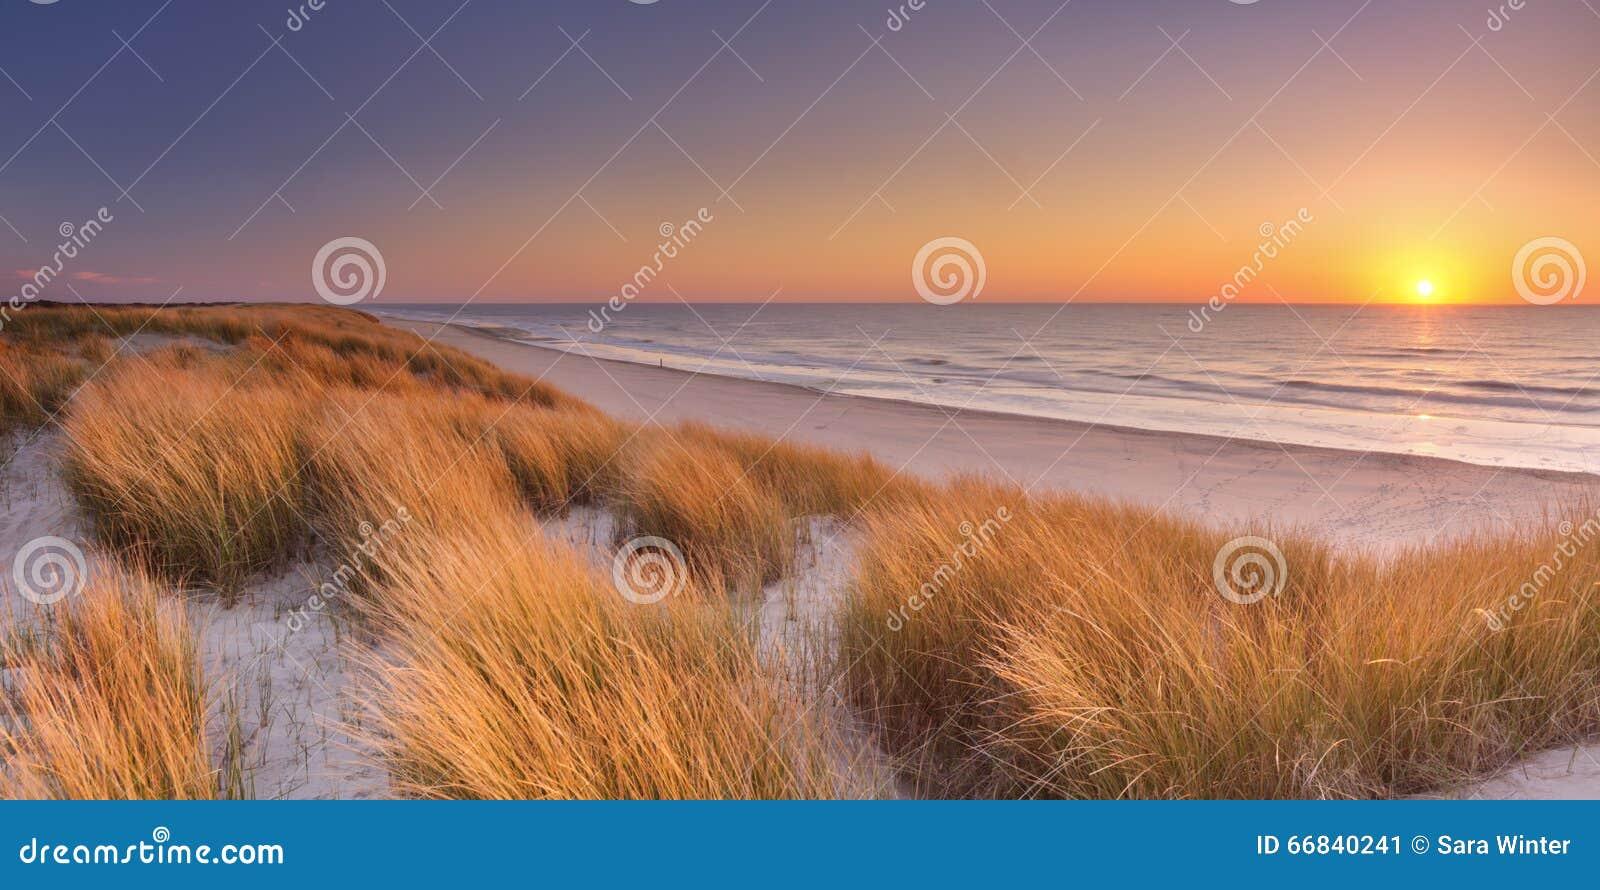 Dünen und Strand bei Sonnenuntergang auf Texel-Insel, die Niederlande